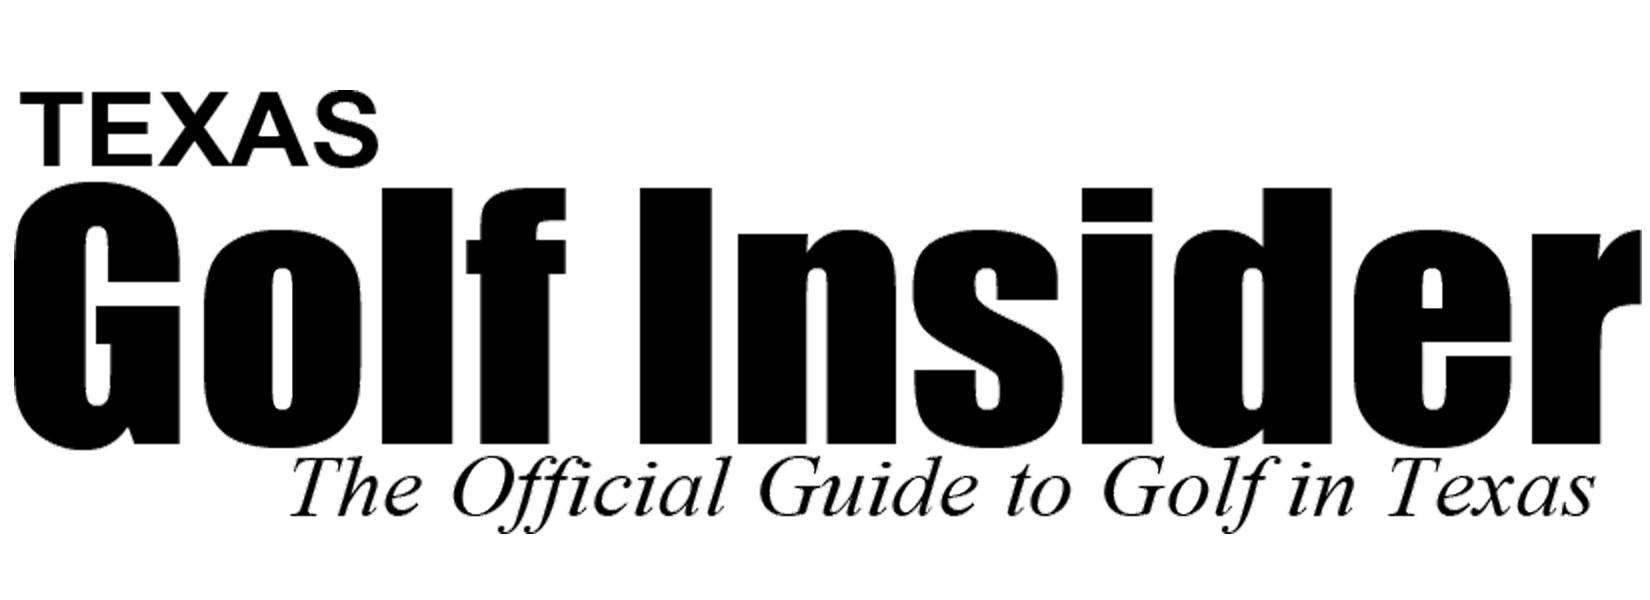 Texas Golf Insider logo.jpg